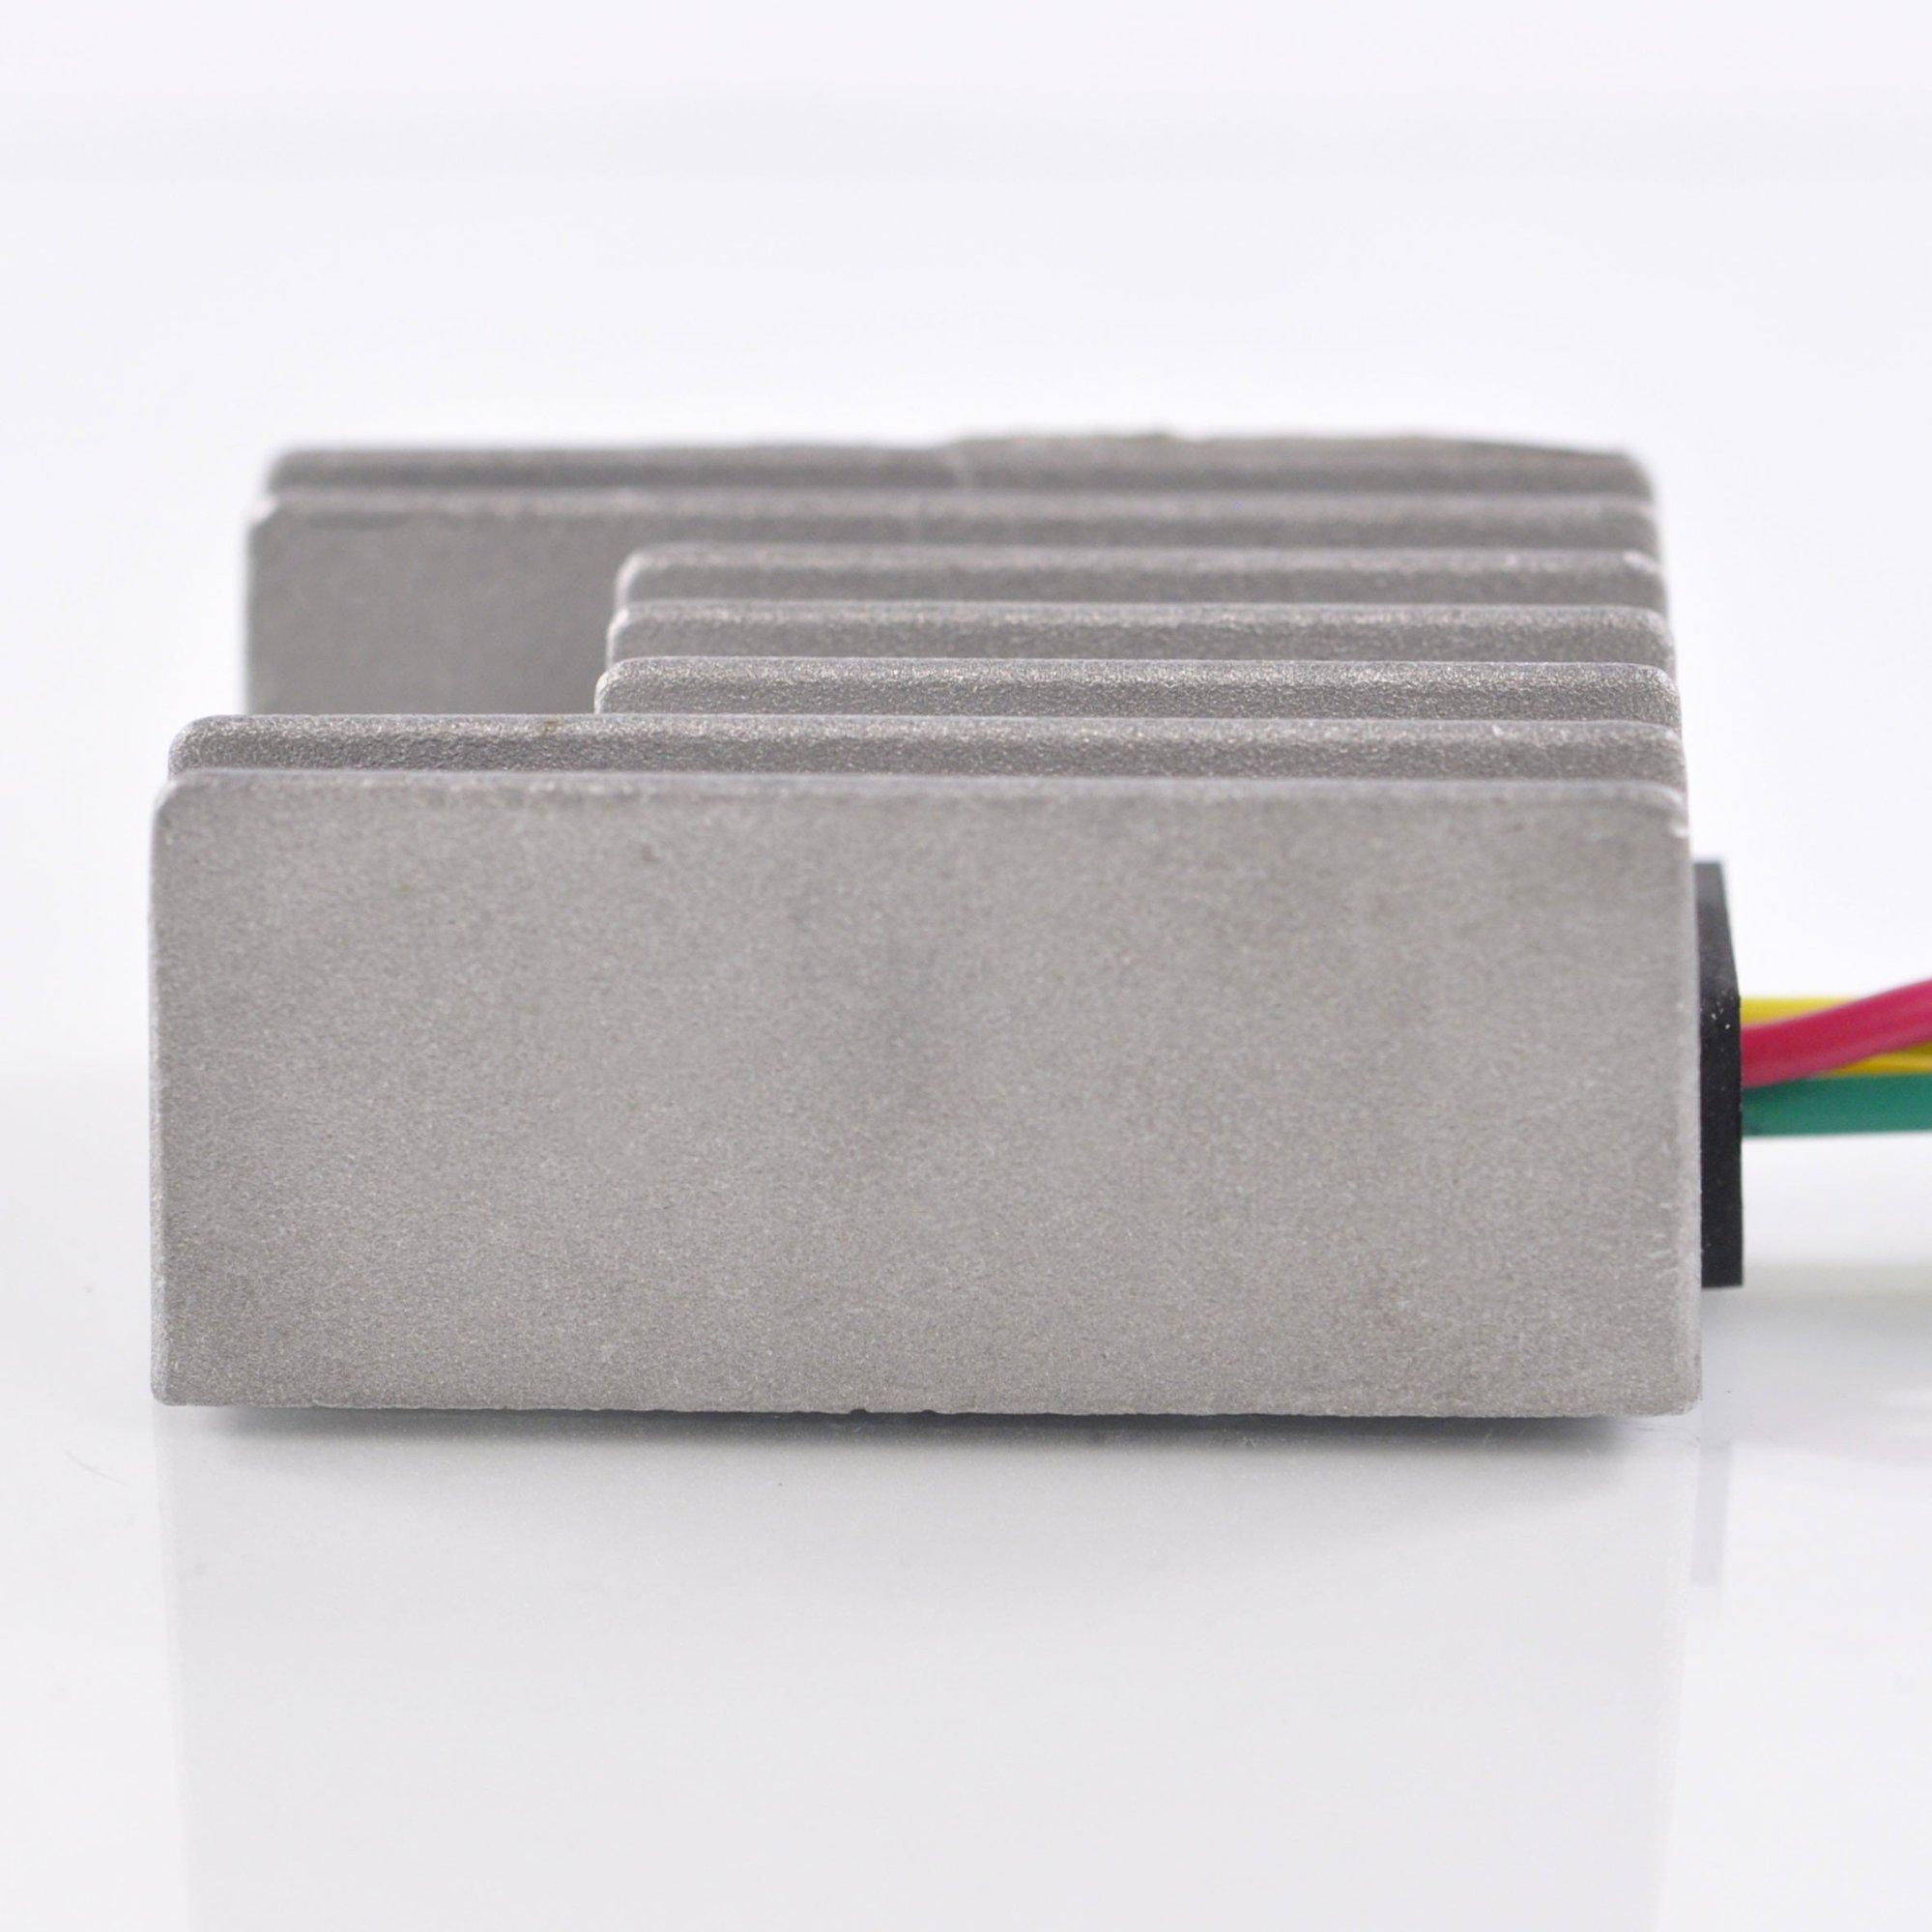 hight resolution of voltage regulator rectifier honda xr 400 r